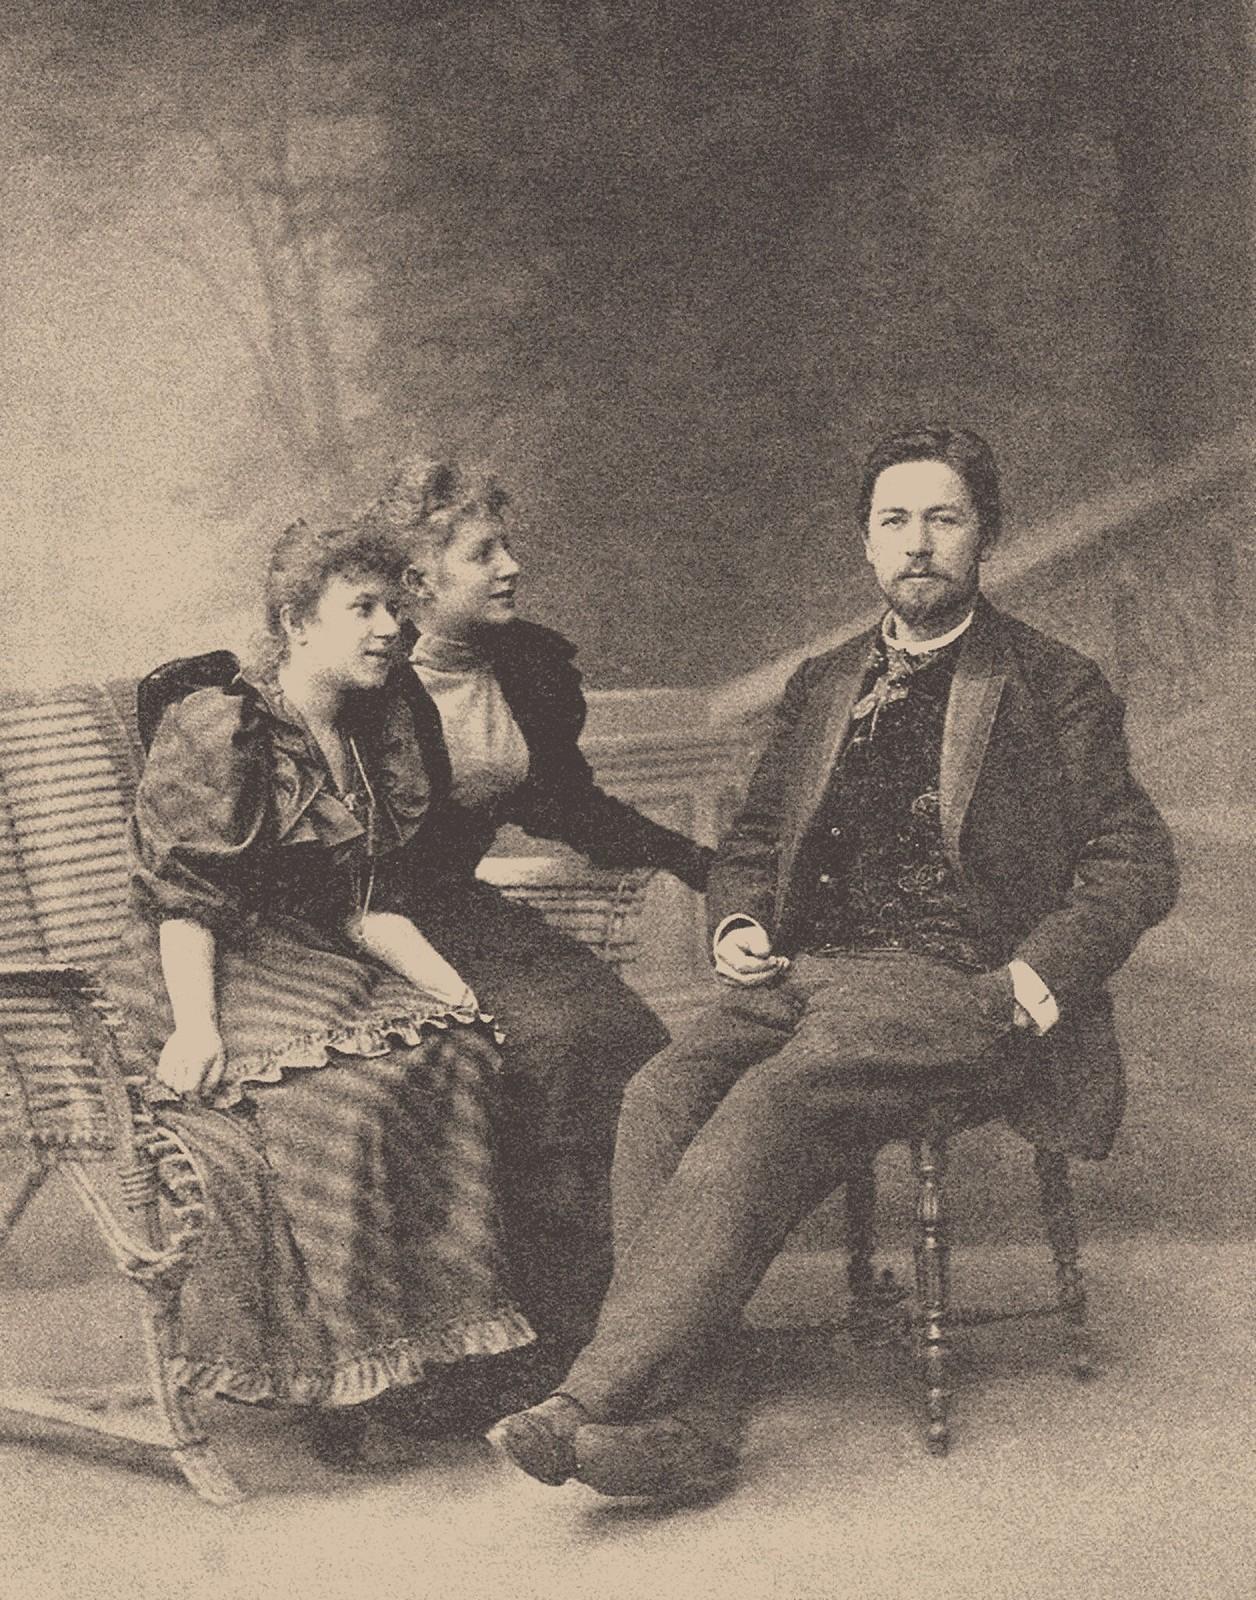 1894. А.П. Чехов, Татьяна Щепкина-Куперник и Лидия Яворская